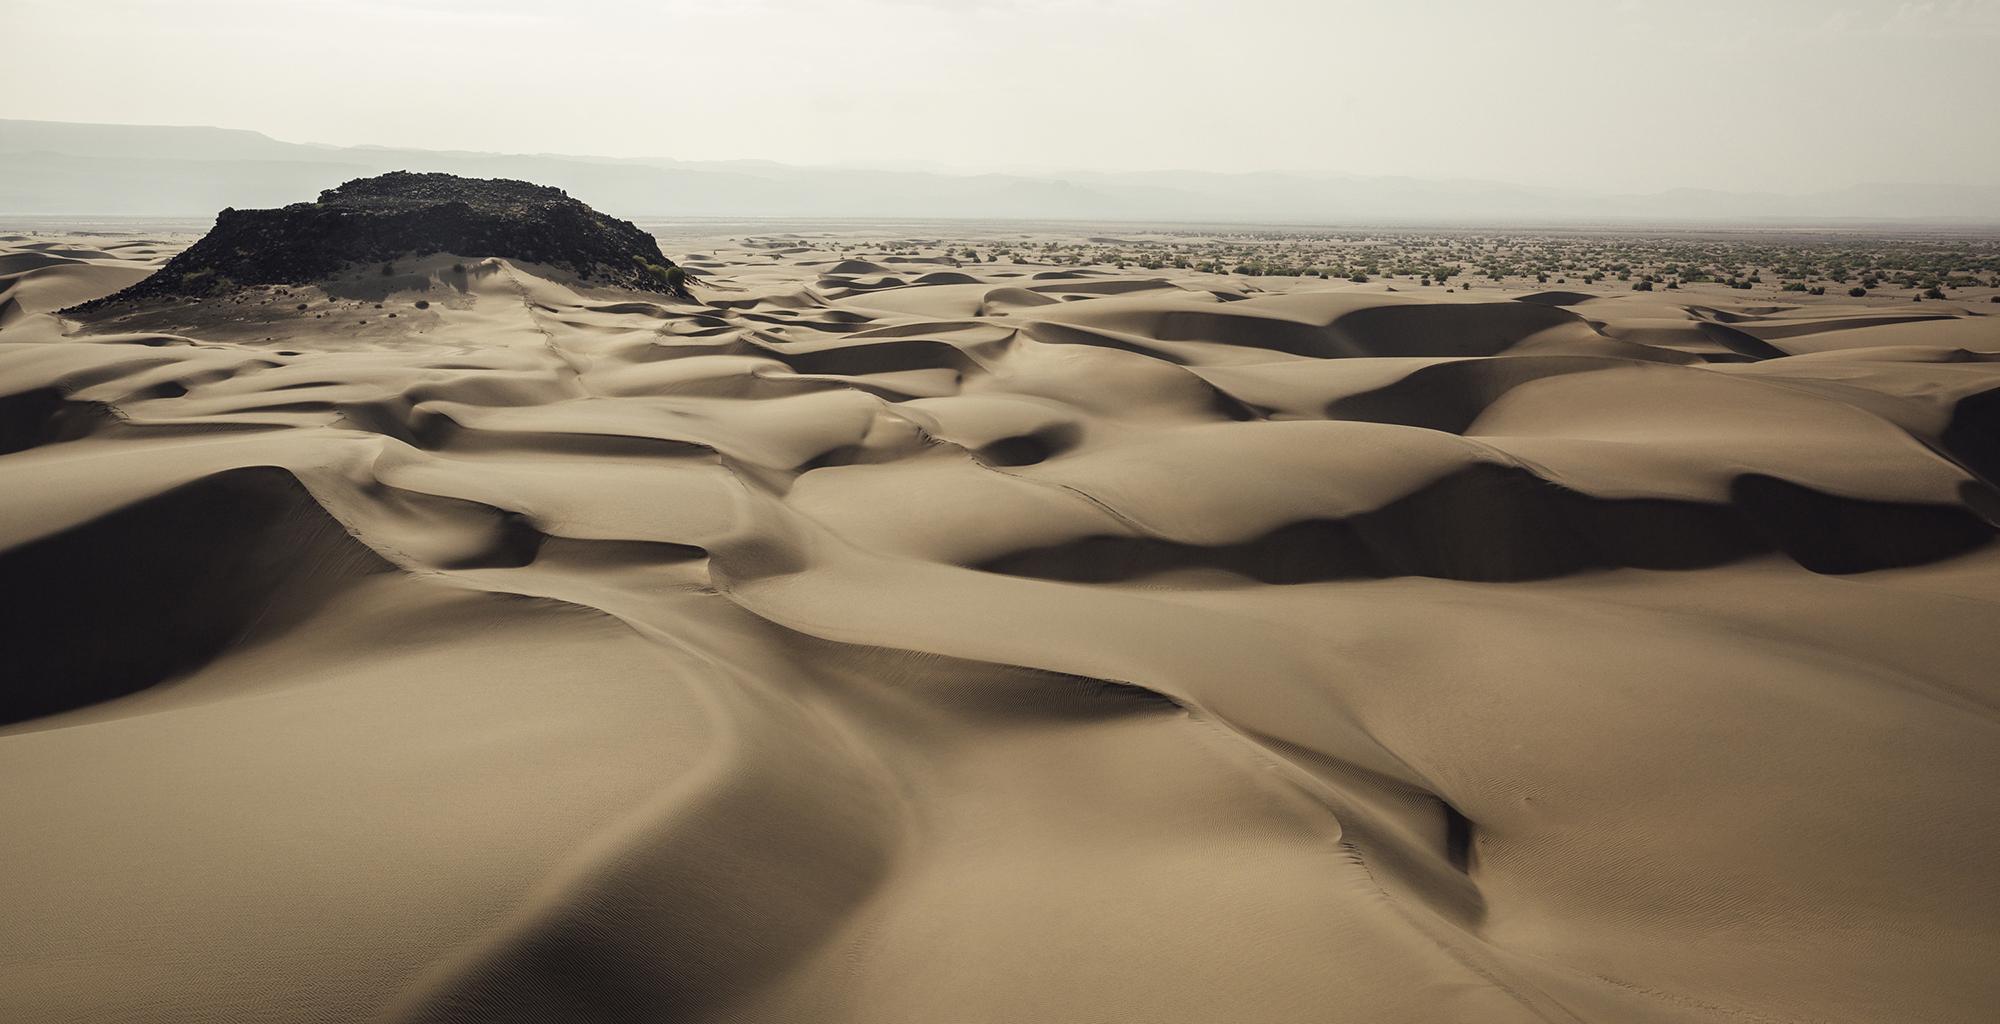 Kenya-Landscape-Sand-Dunes